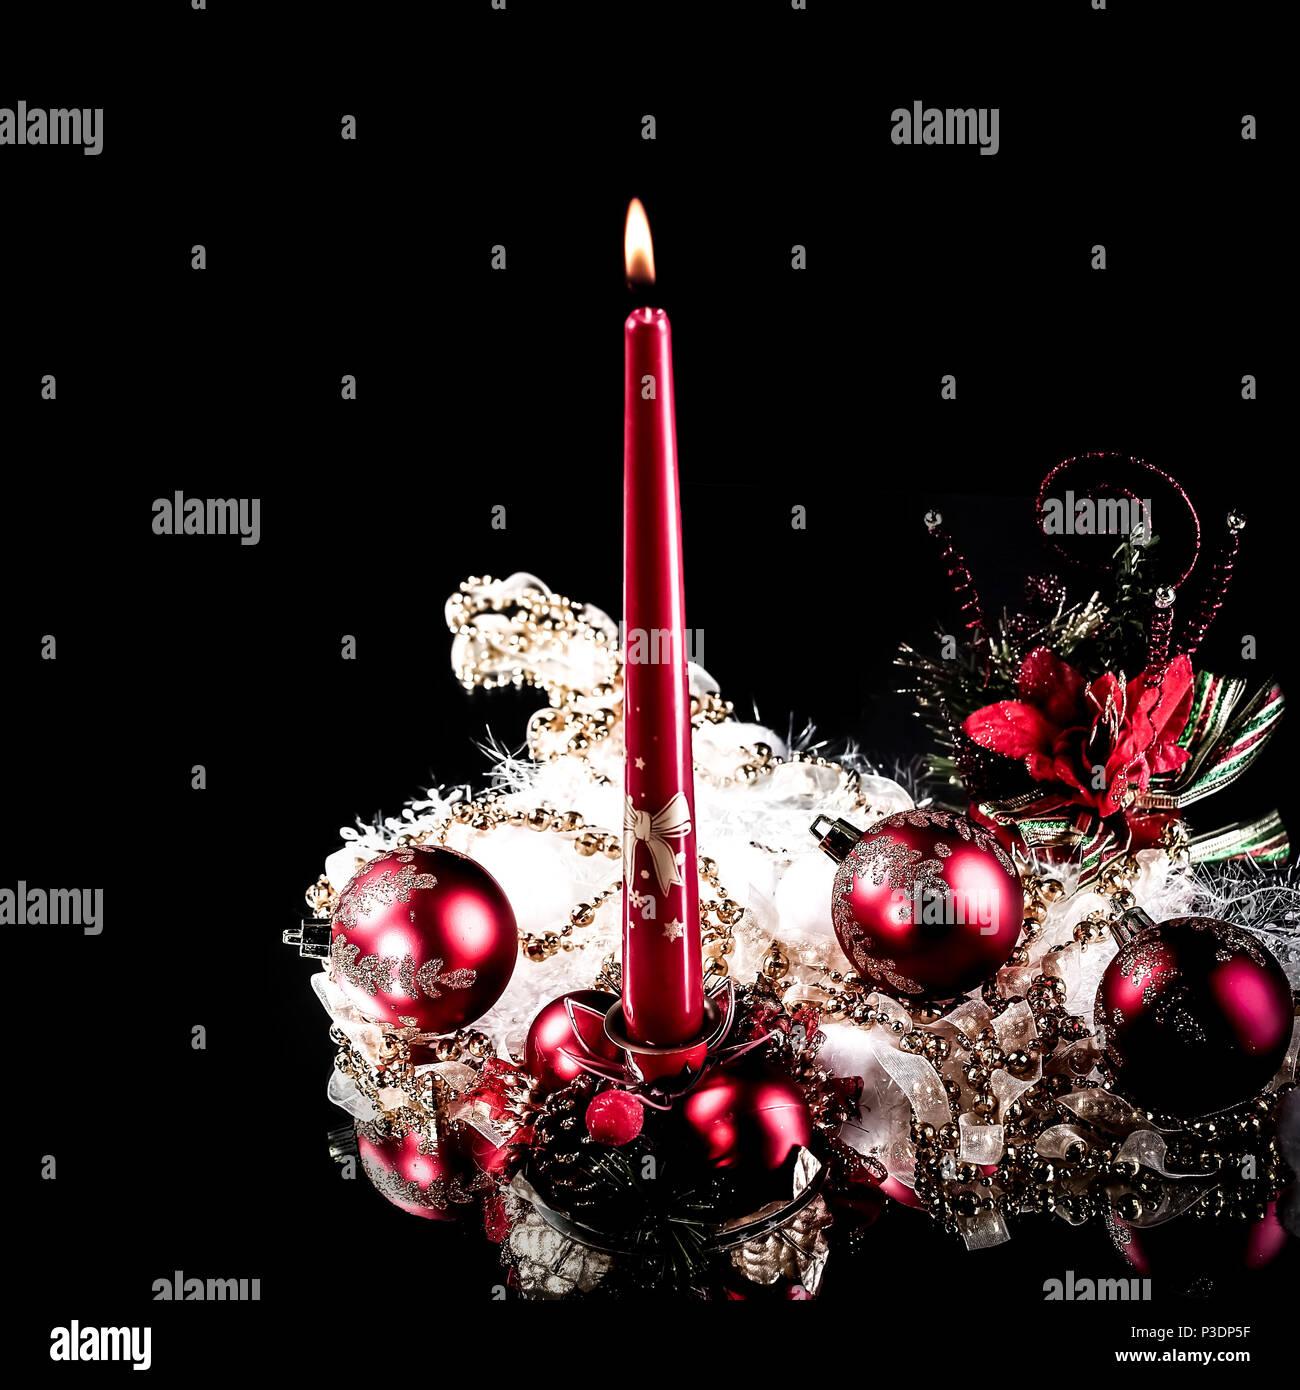 sch ne weihnachten zusammensetzung auf schwarzem hintergrund stockfoto bild 208671163 alamy. Black Bedroom Furniture Sets. Home Design Ideas